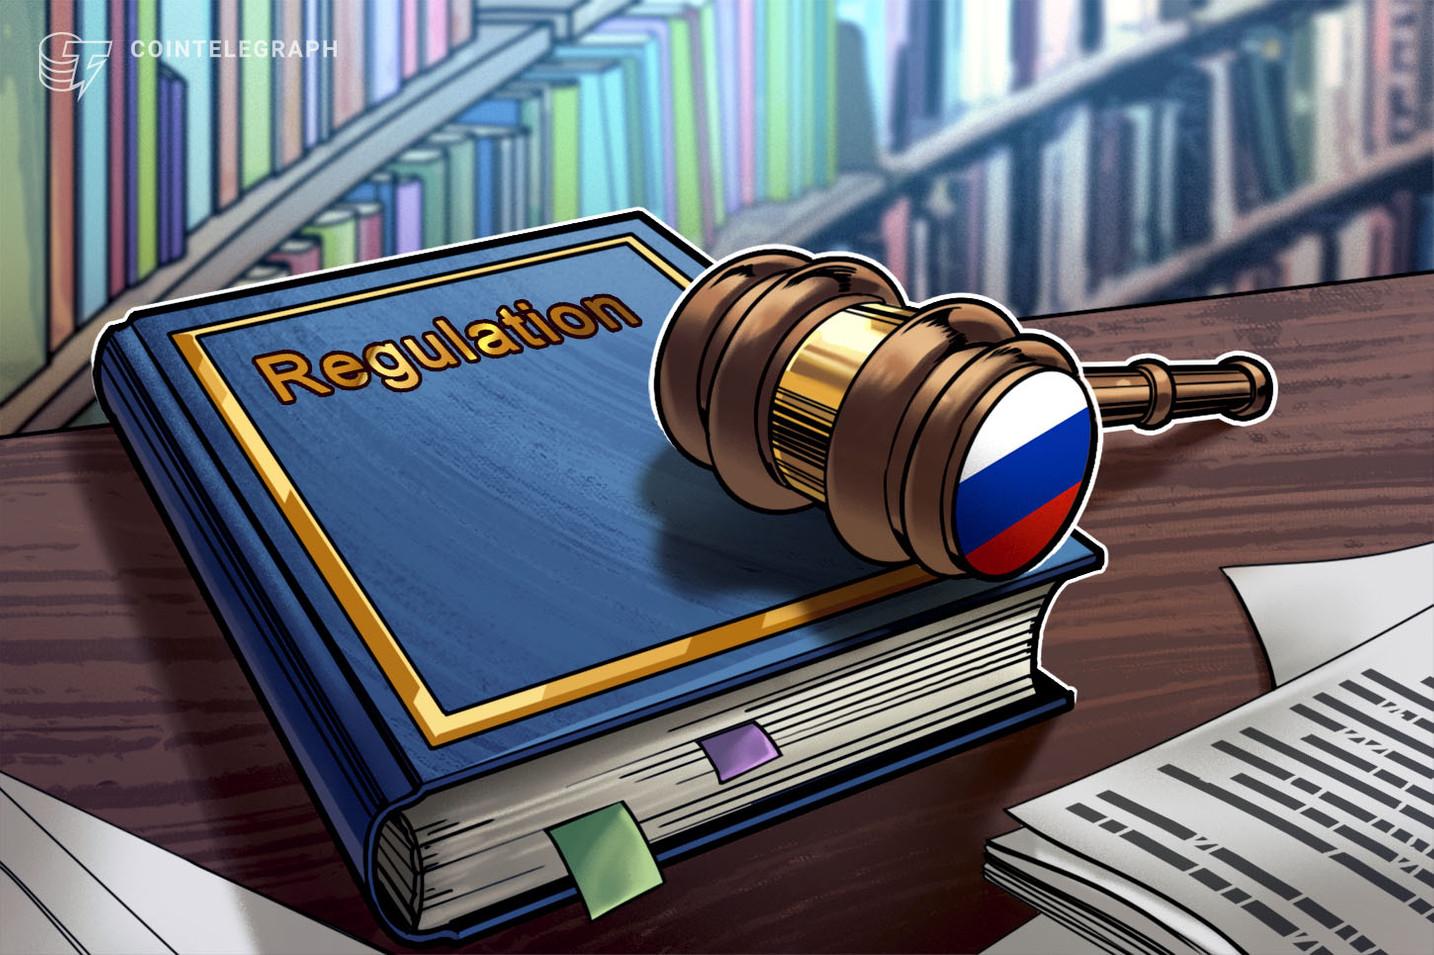 Projeto de lei para criptomoedas na Rússia traz mais incerteza regulatória